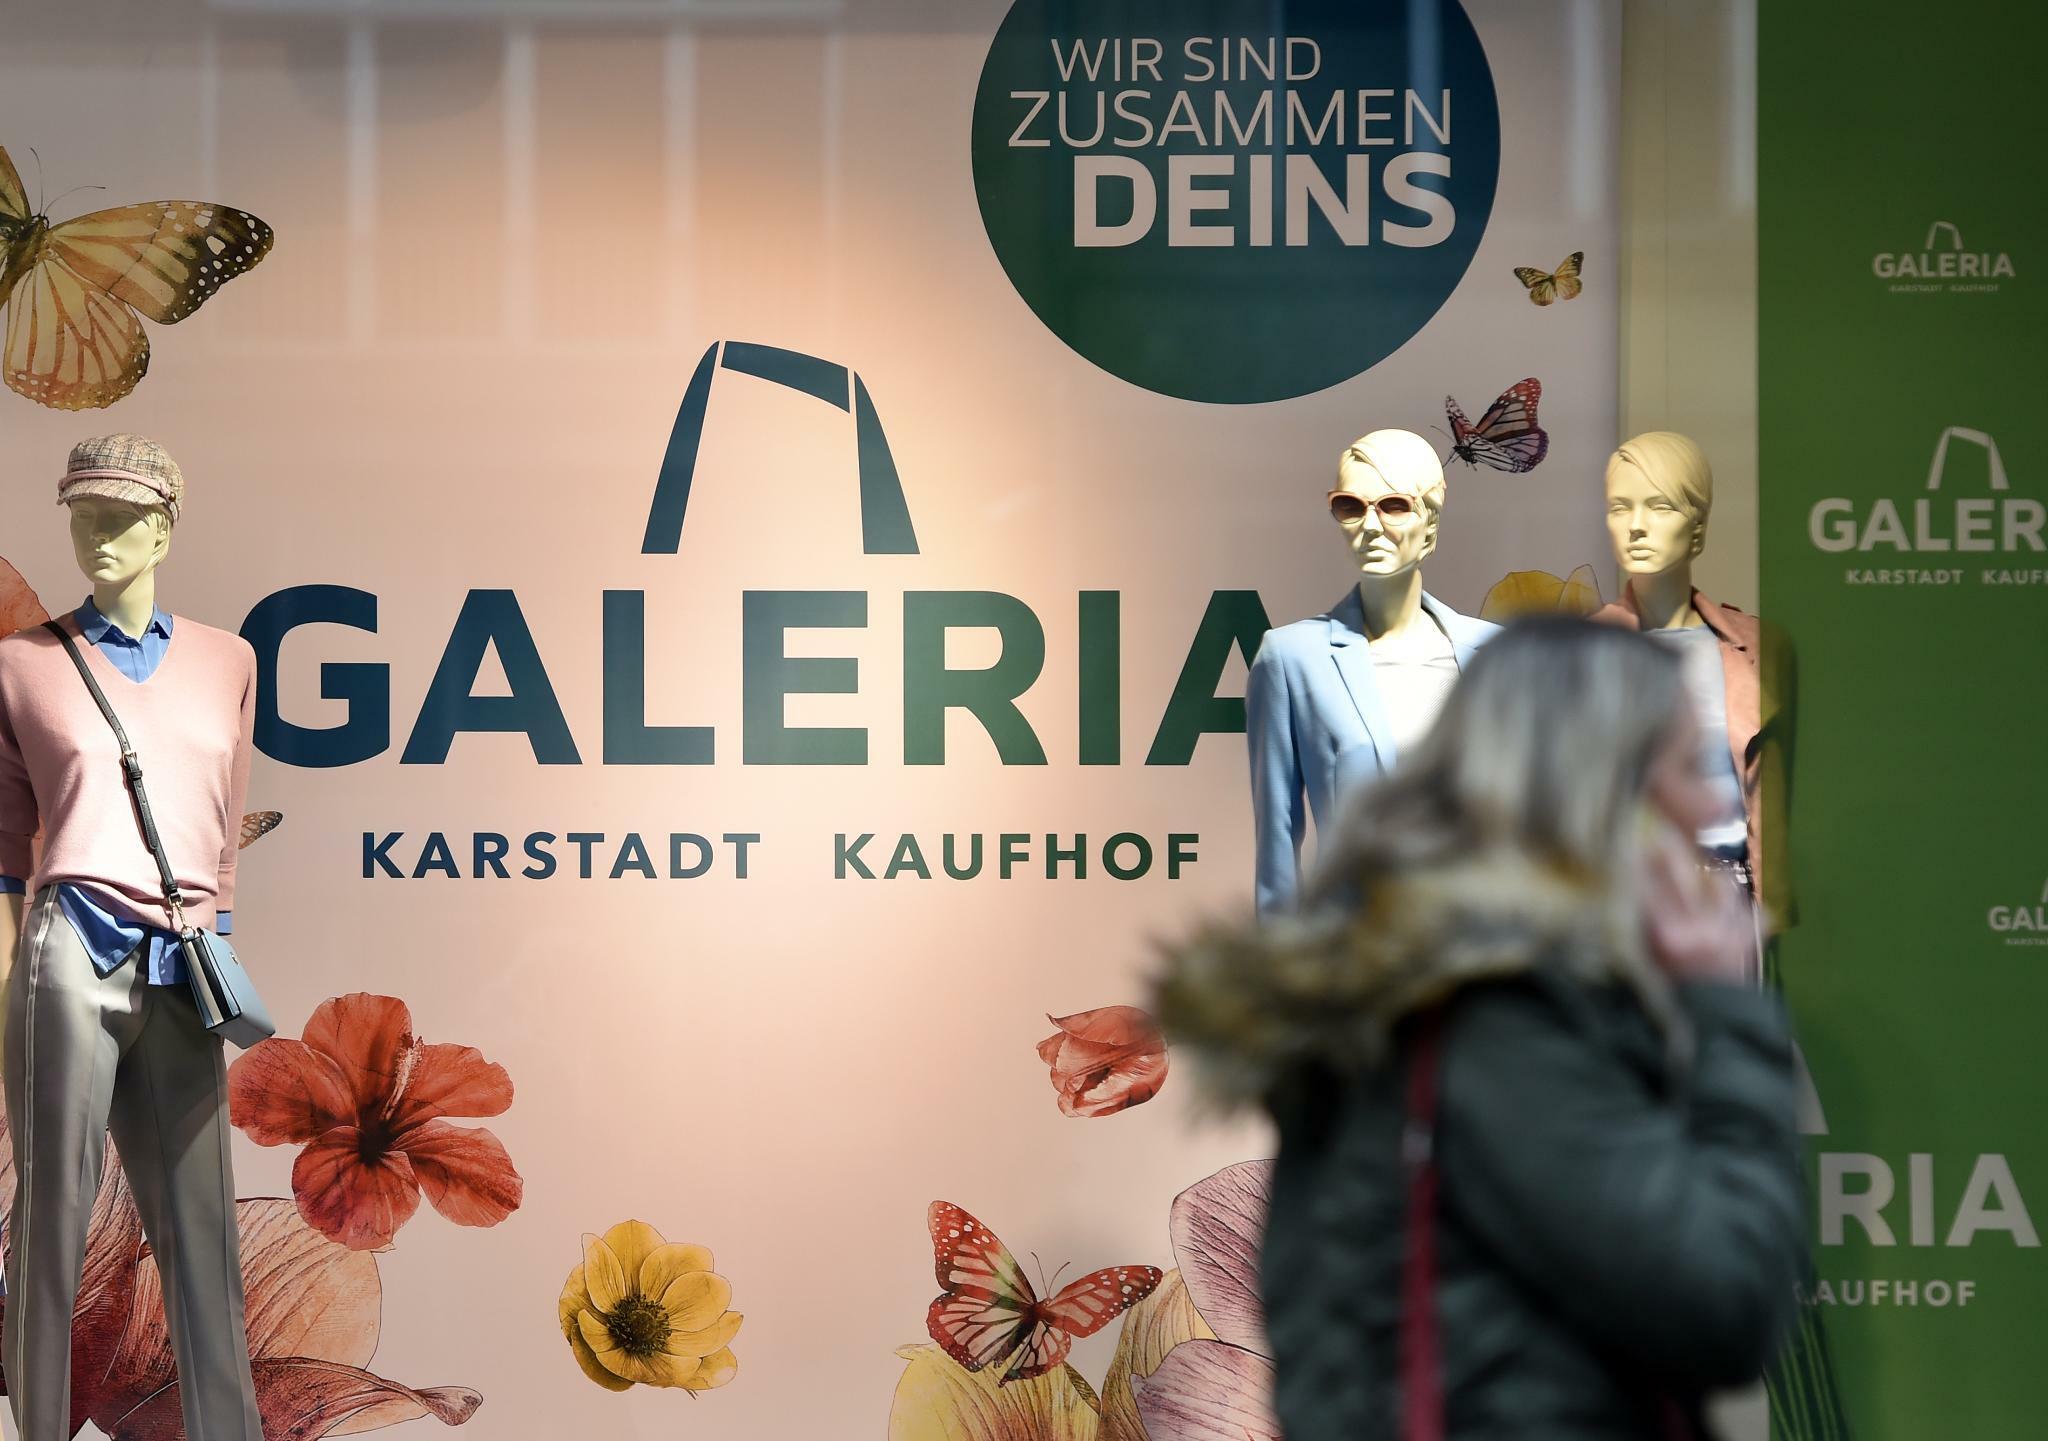 Verdi droht im Weihnachtsgeschäft mit Streiks bei Kaufhof